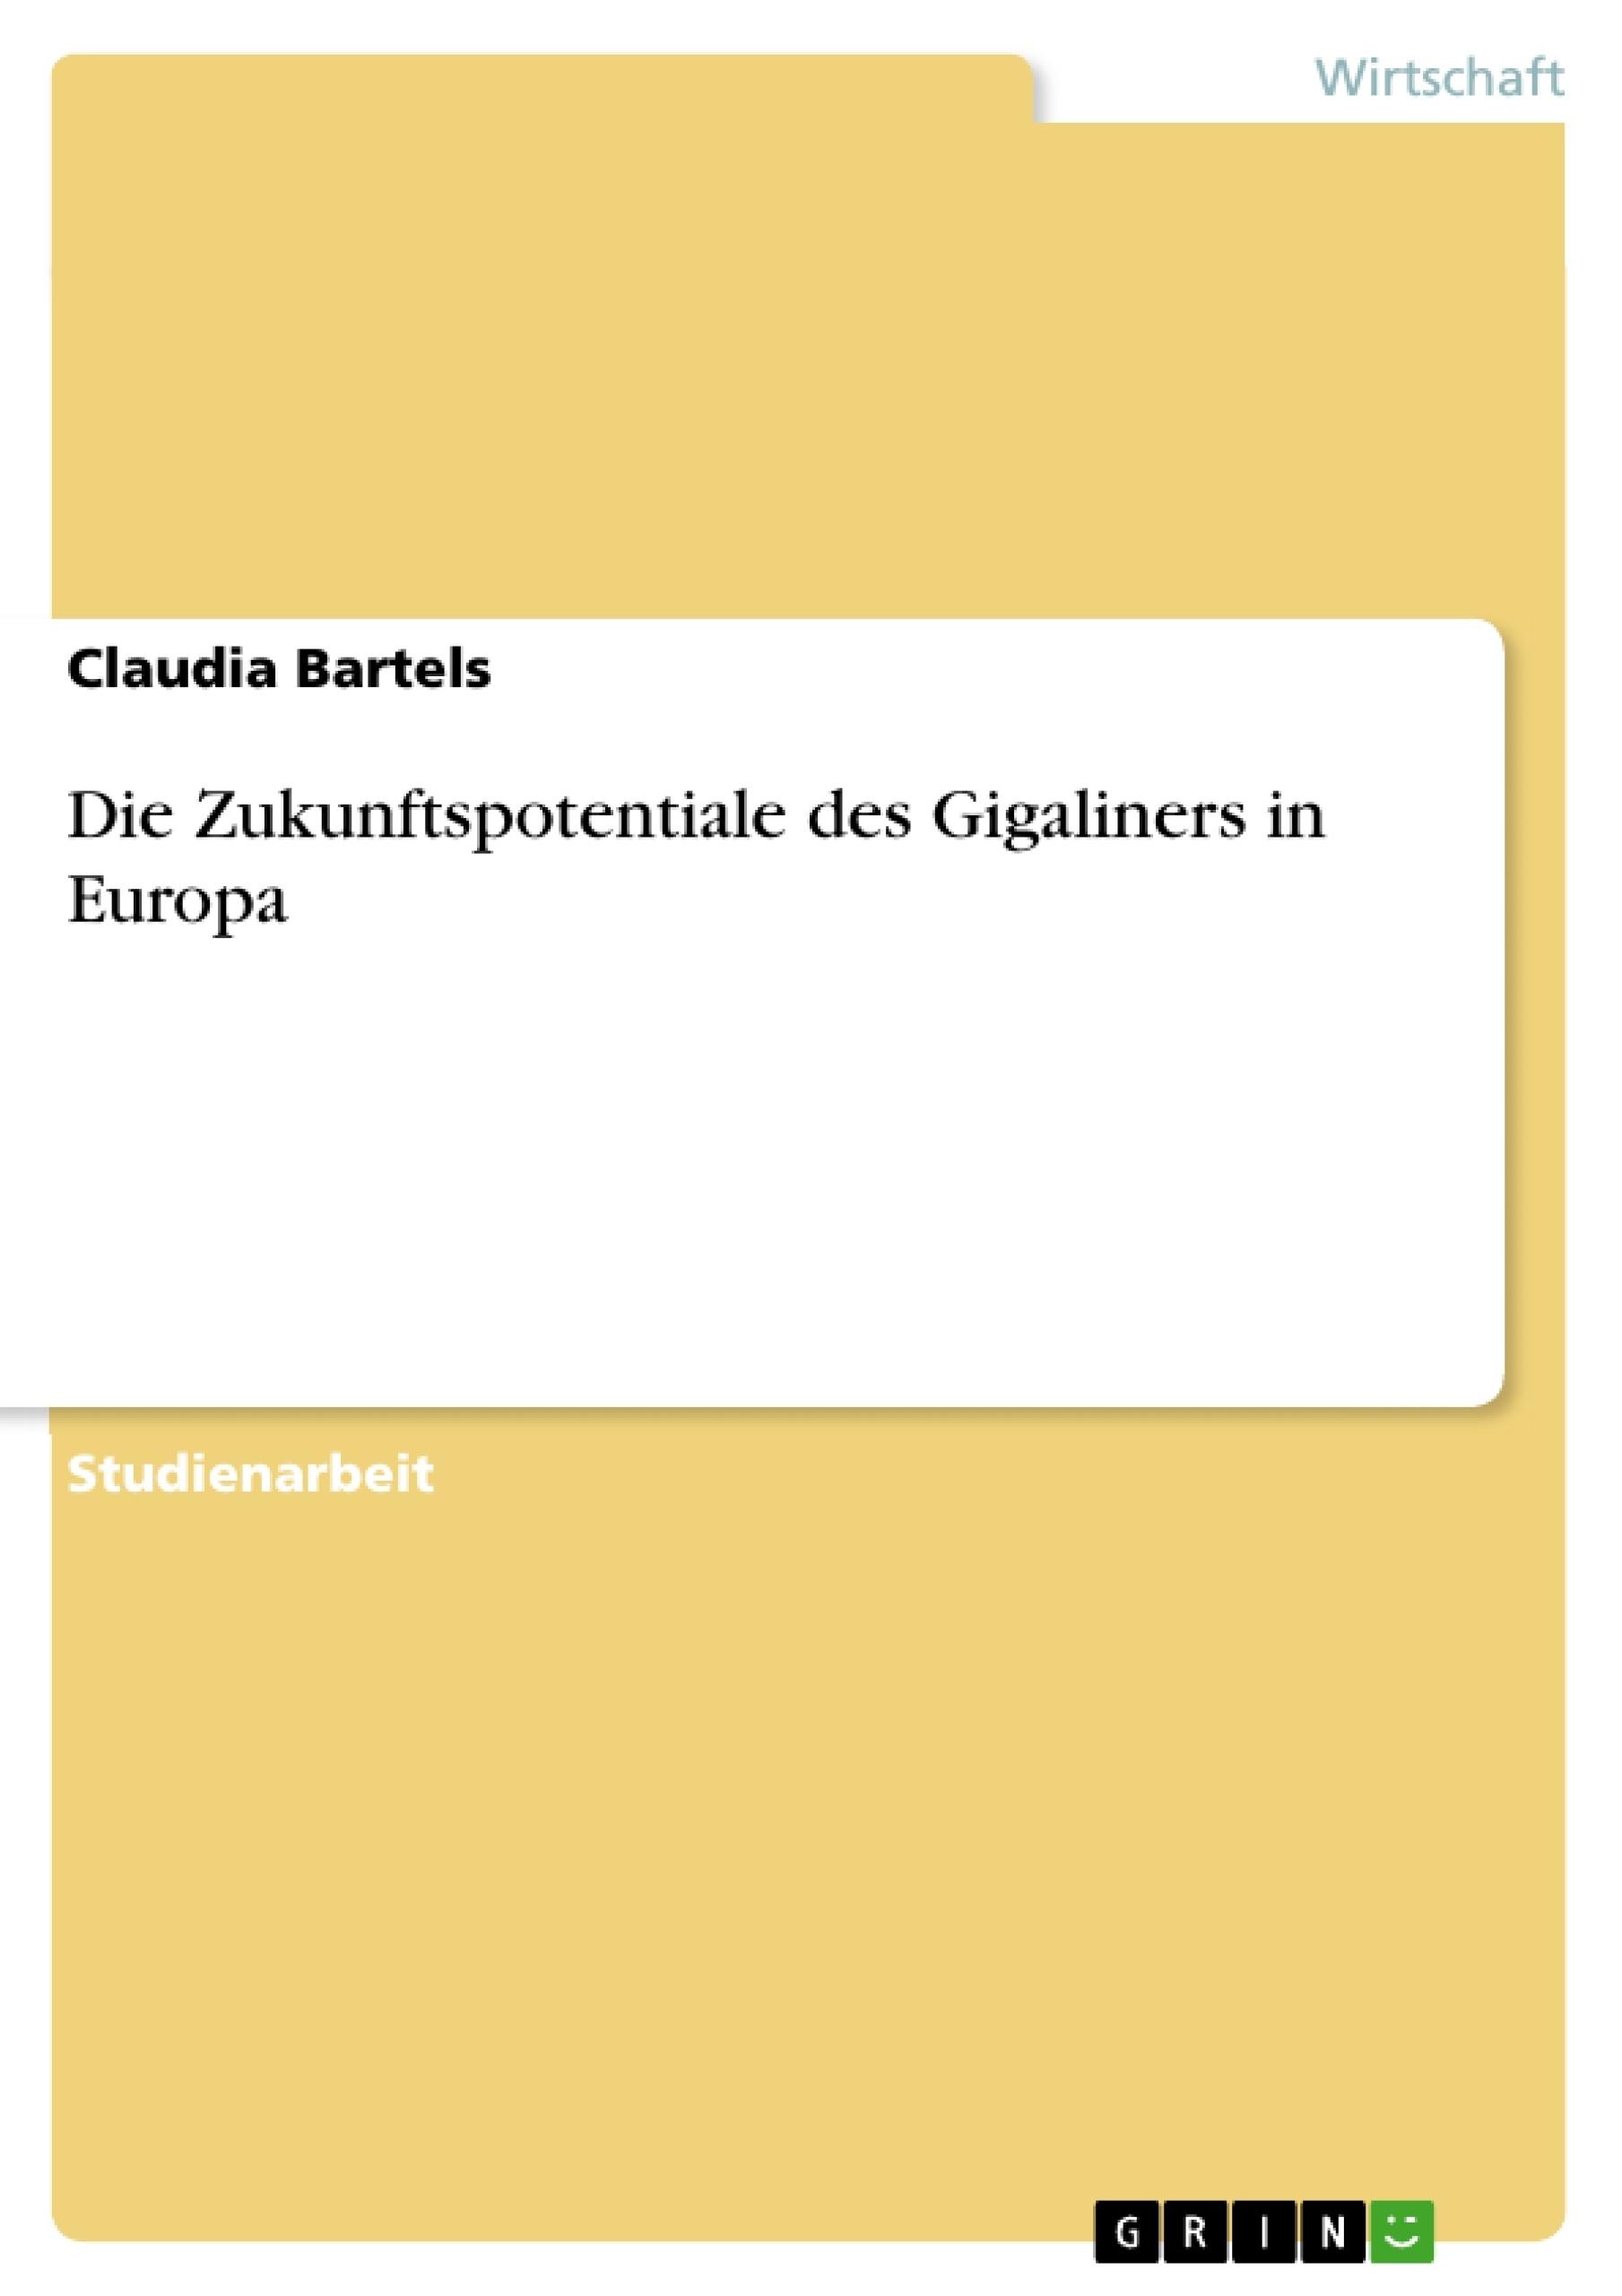 Titel: Die Zukunftspotentiale des Gigaliners in Europa